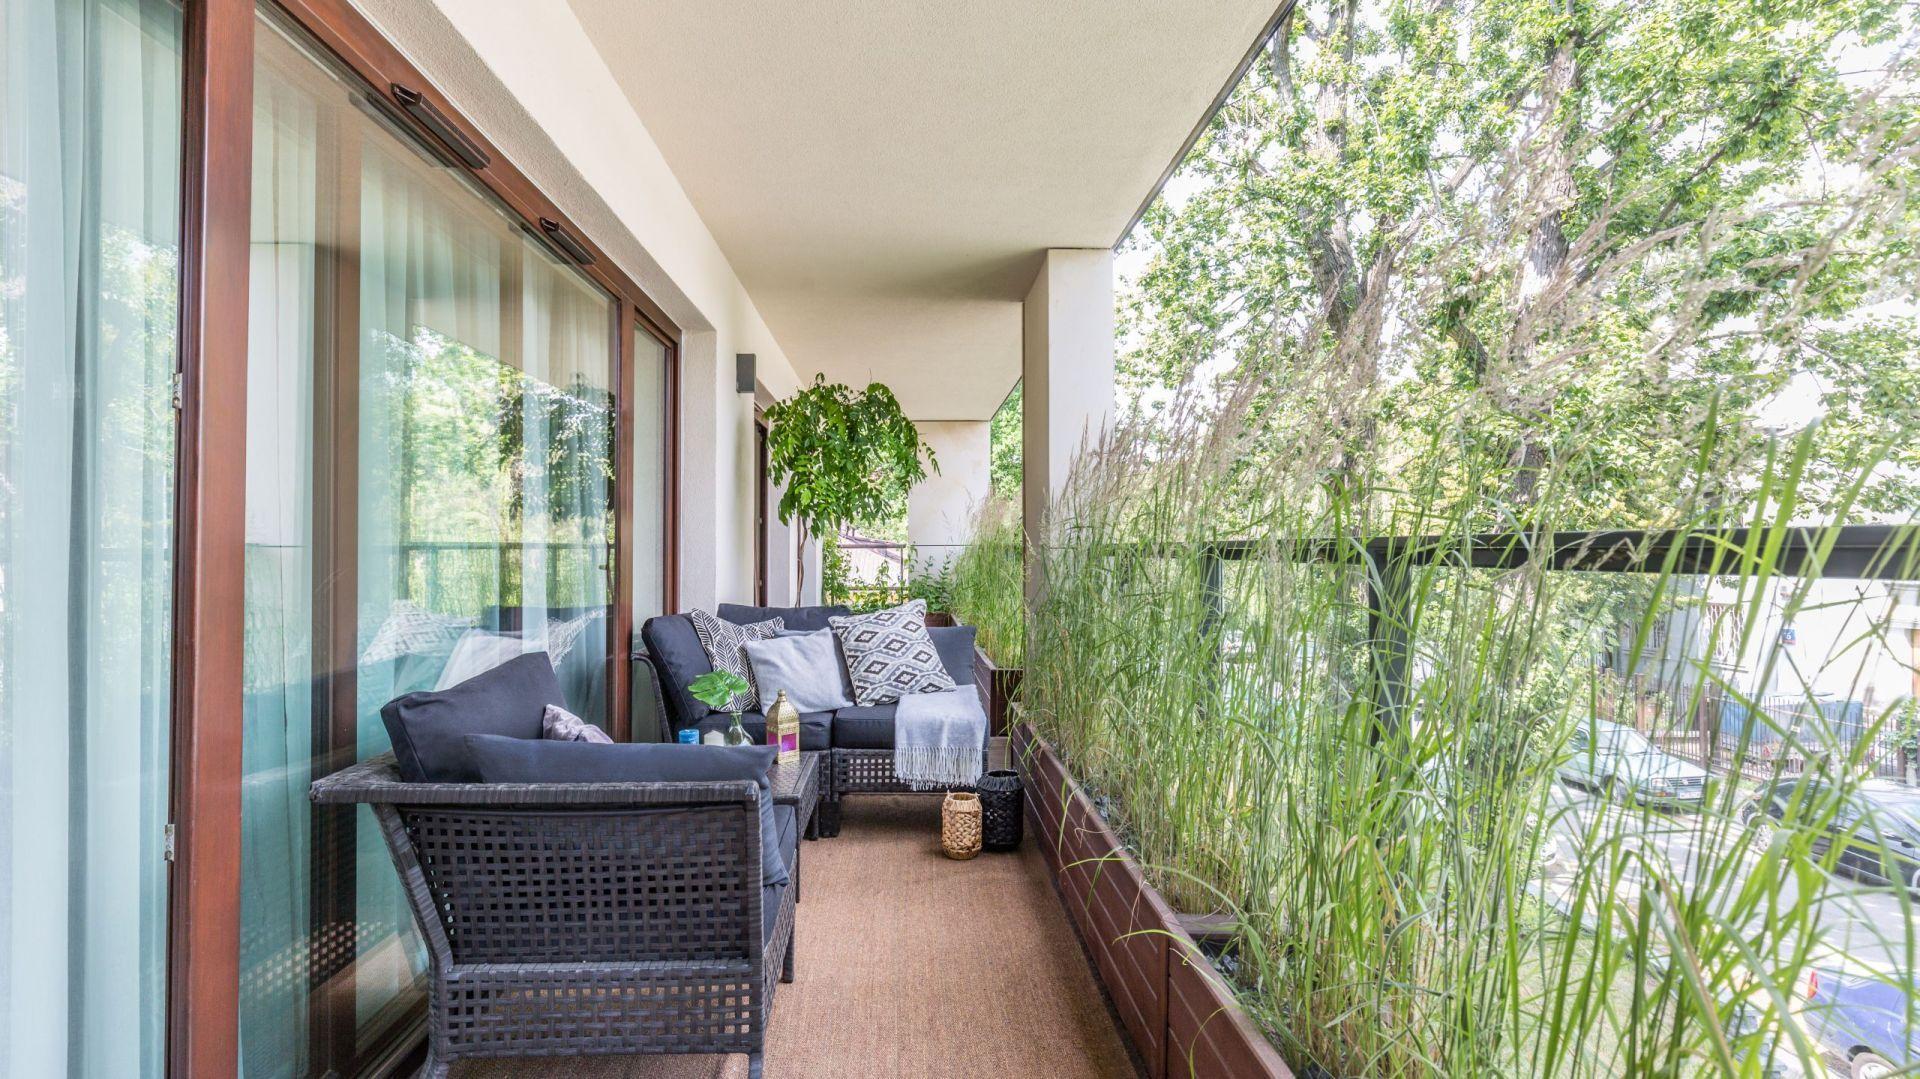 Na balkonie zmieściła się wygodna, dwuosobowa sofa, fotel oraz stolik. Rośliny stanowią subtelną osłonę przed wzorkiem sąsiadów. Projekt: Malwina Koziestańska. Fot. Pion Poziom